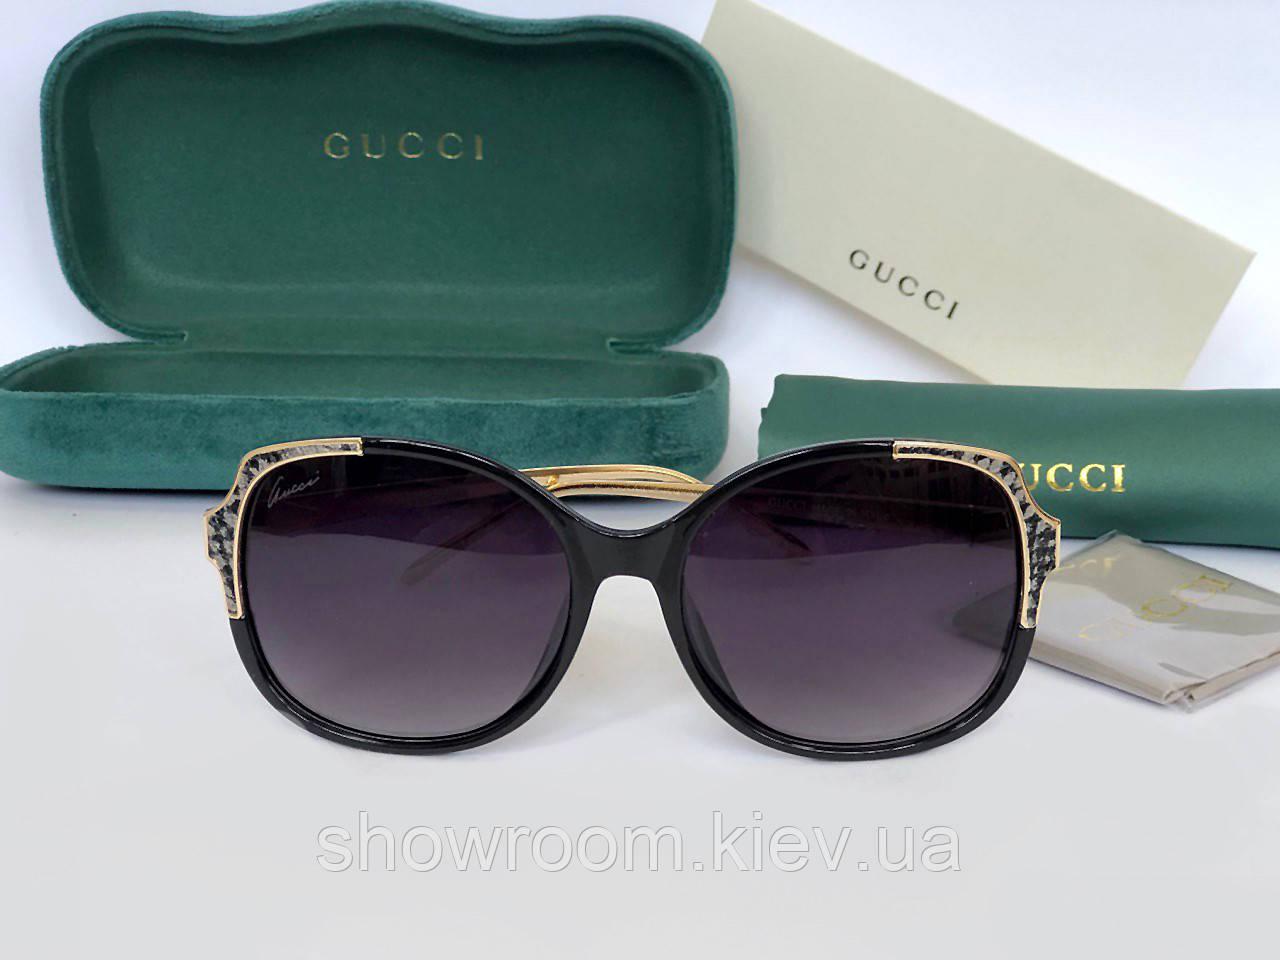 Женские солнцезащитные очки с поляризацией в стиле GUCCI (604) black